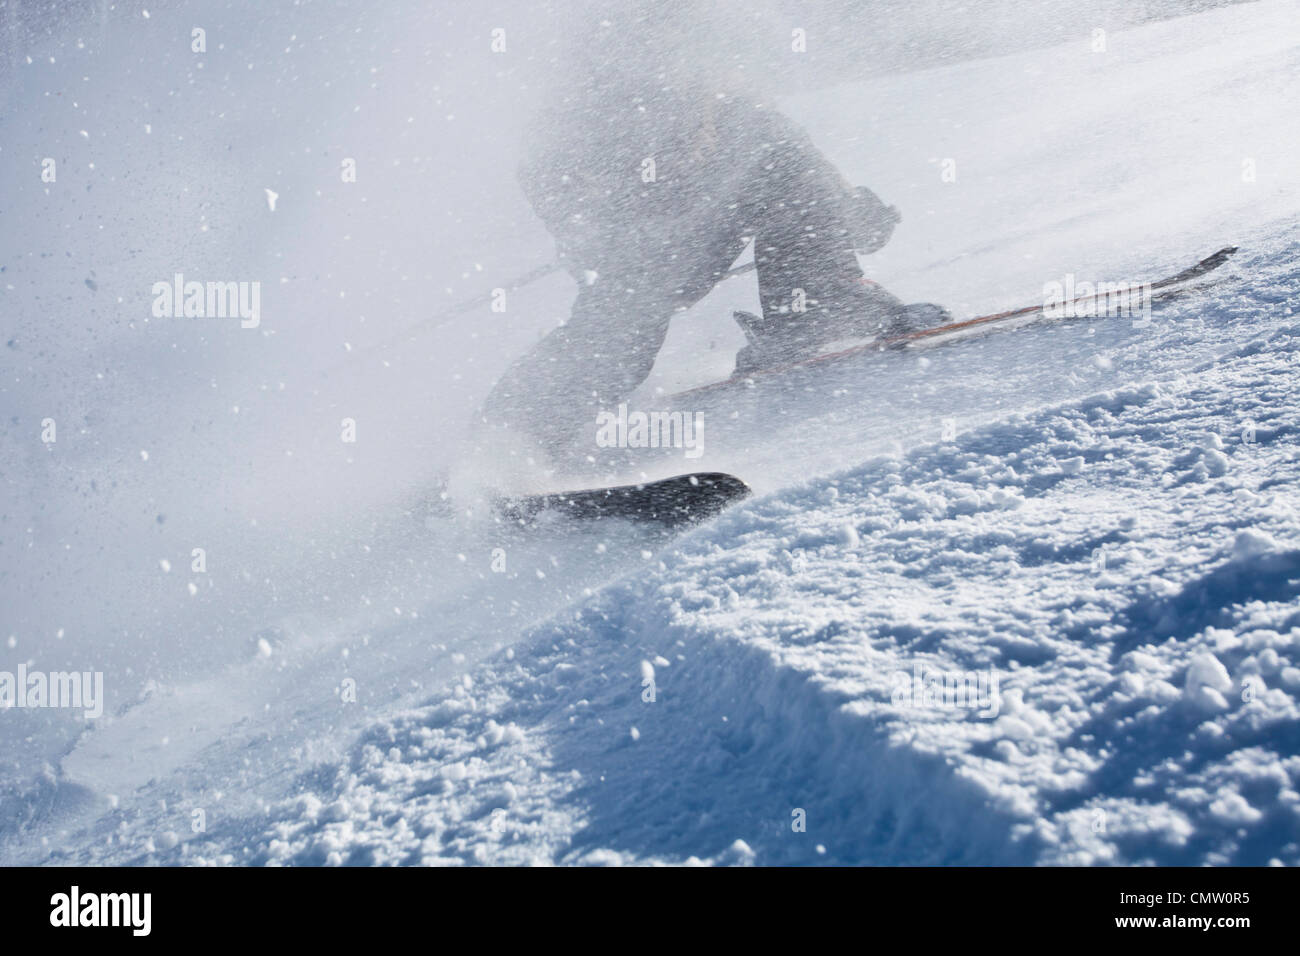 Bajo la sección de esquí una persona Imagen De Stock